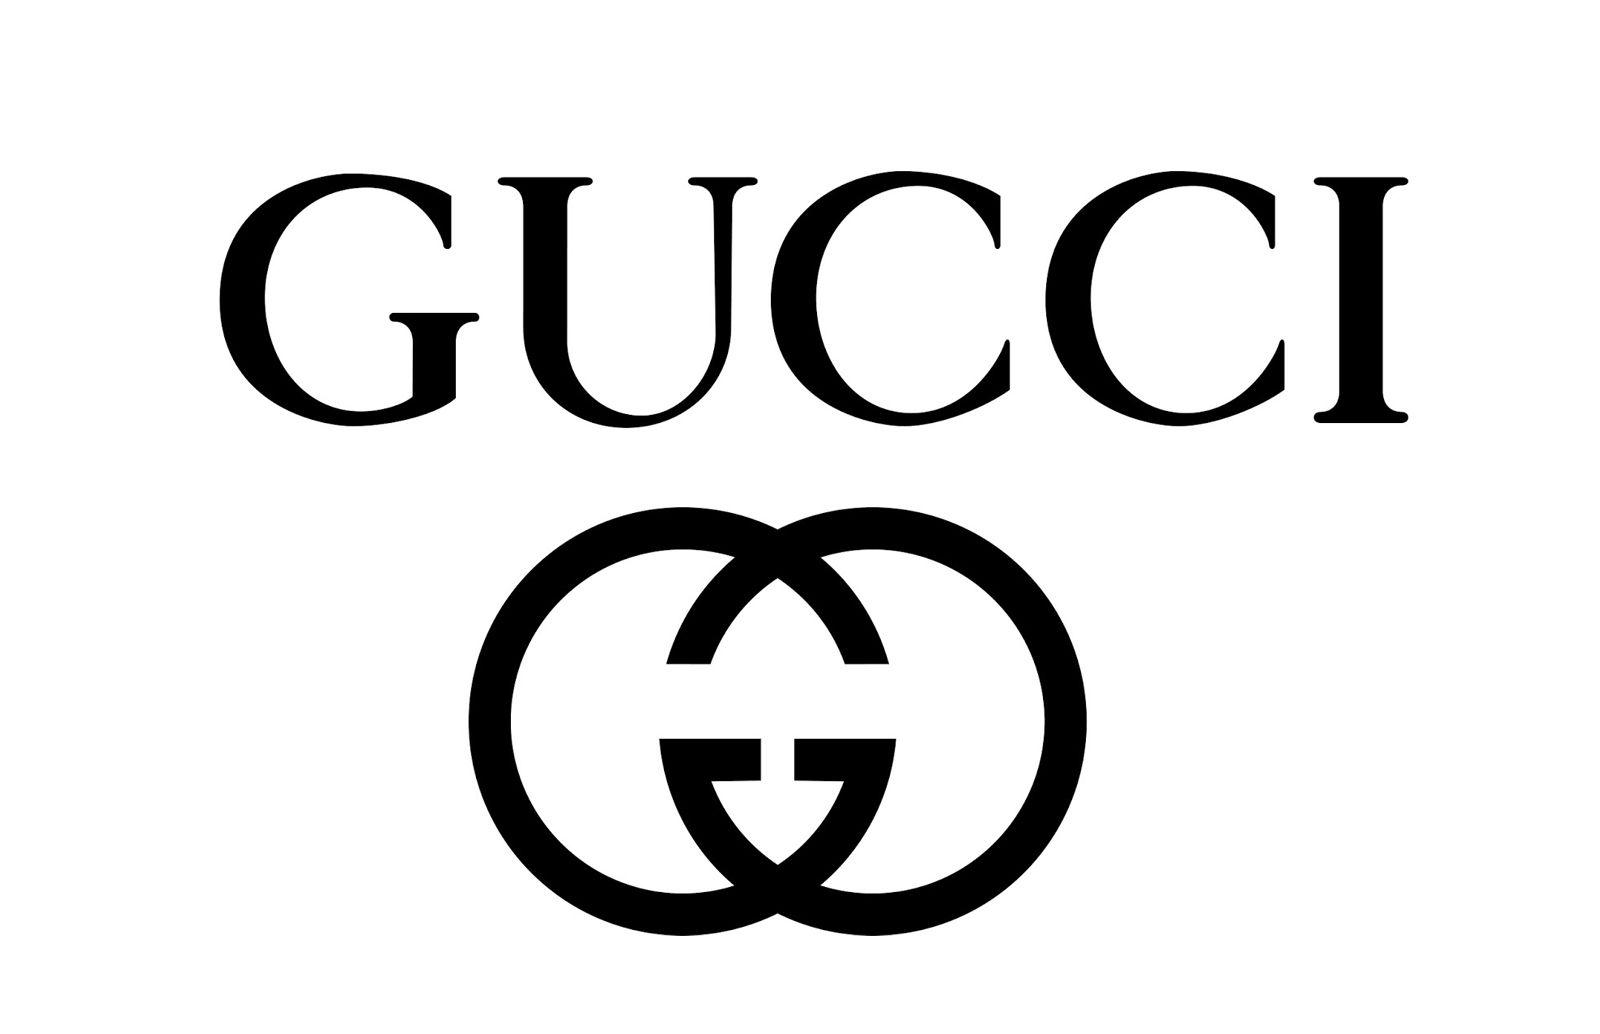 logo logo 标志 简笔画 设计 手绘 图标 线稿 1600_1034